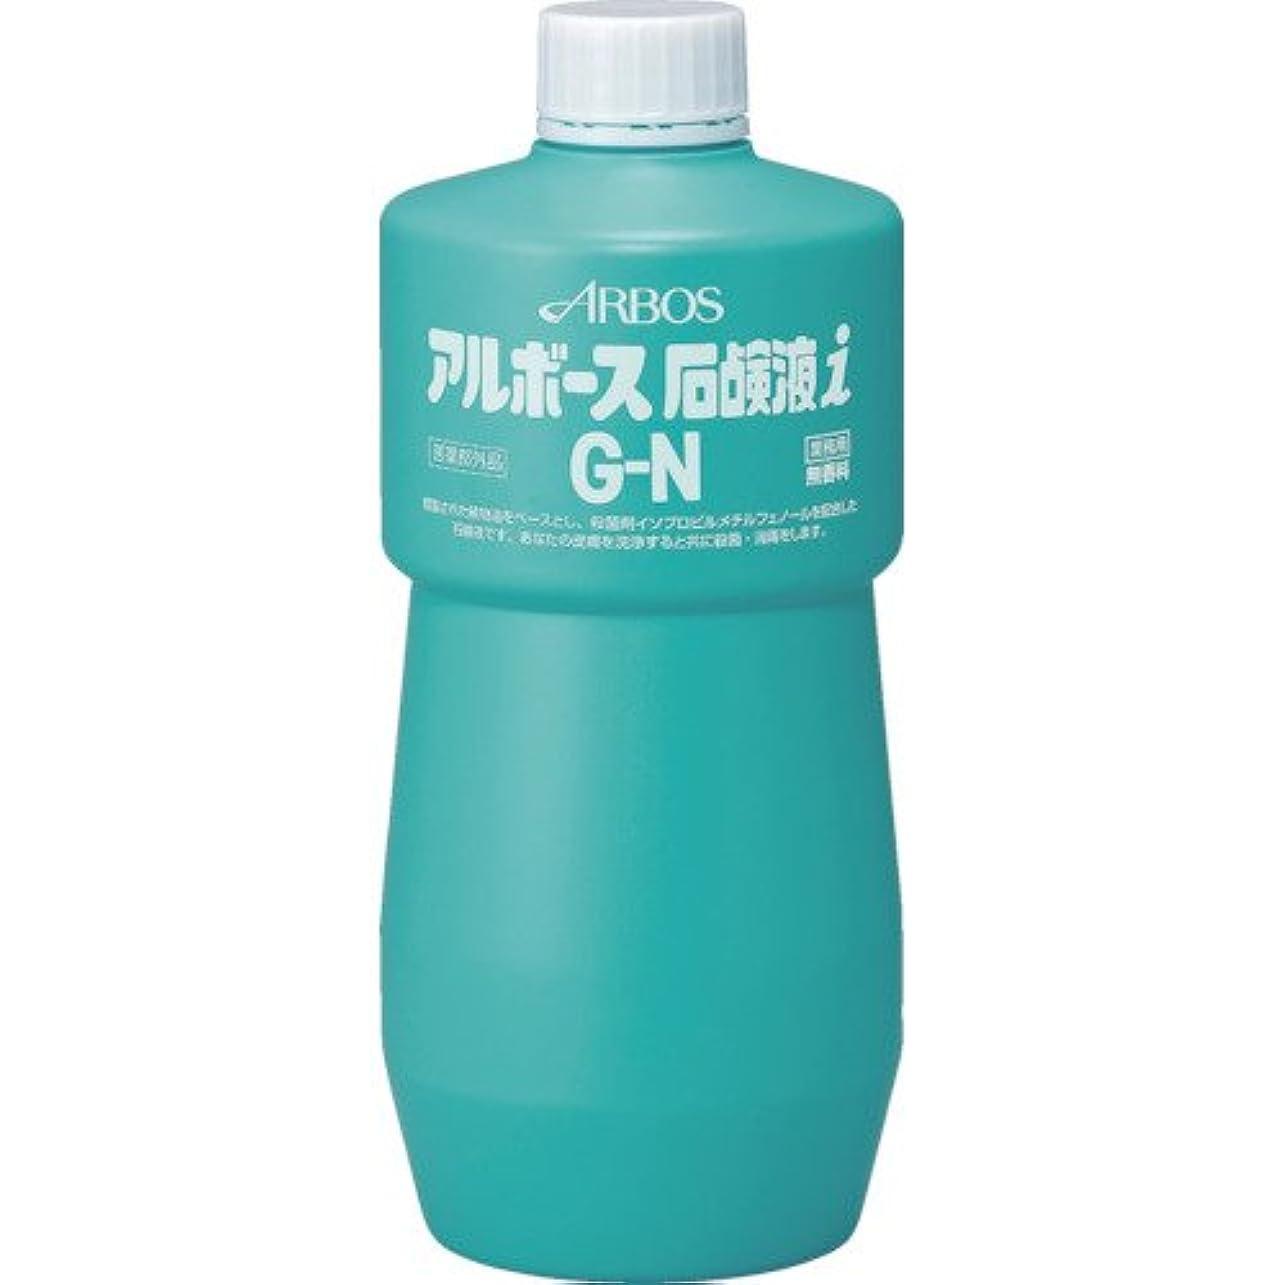 辞任する伝記活力アルボース石鹸液iGN 1G [医薬部外品]